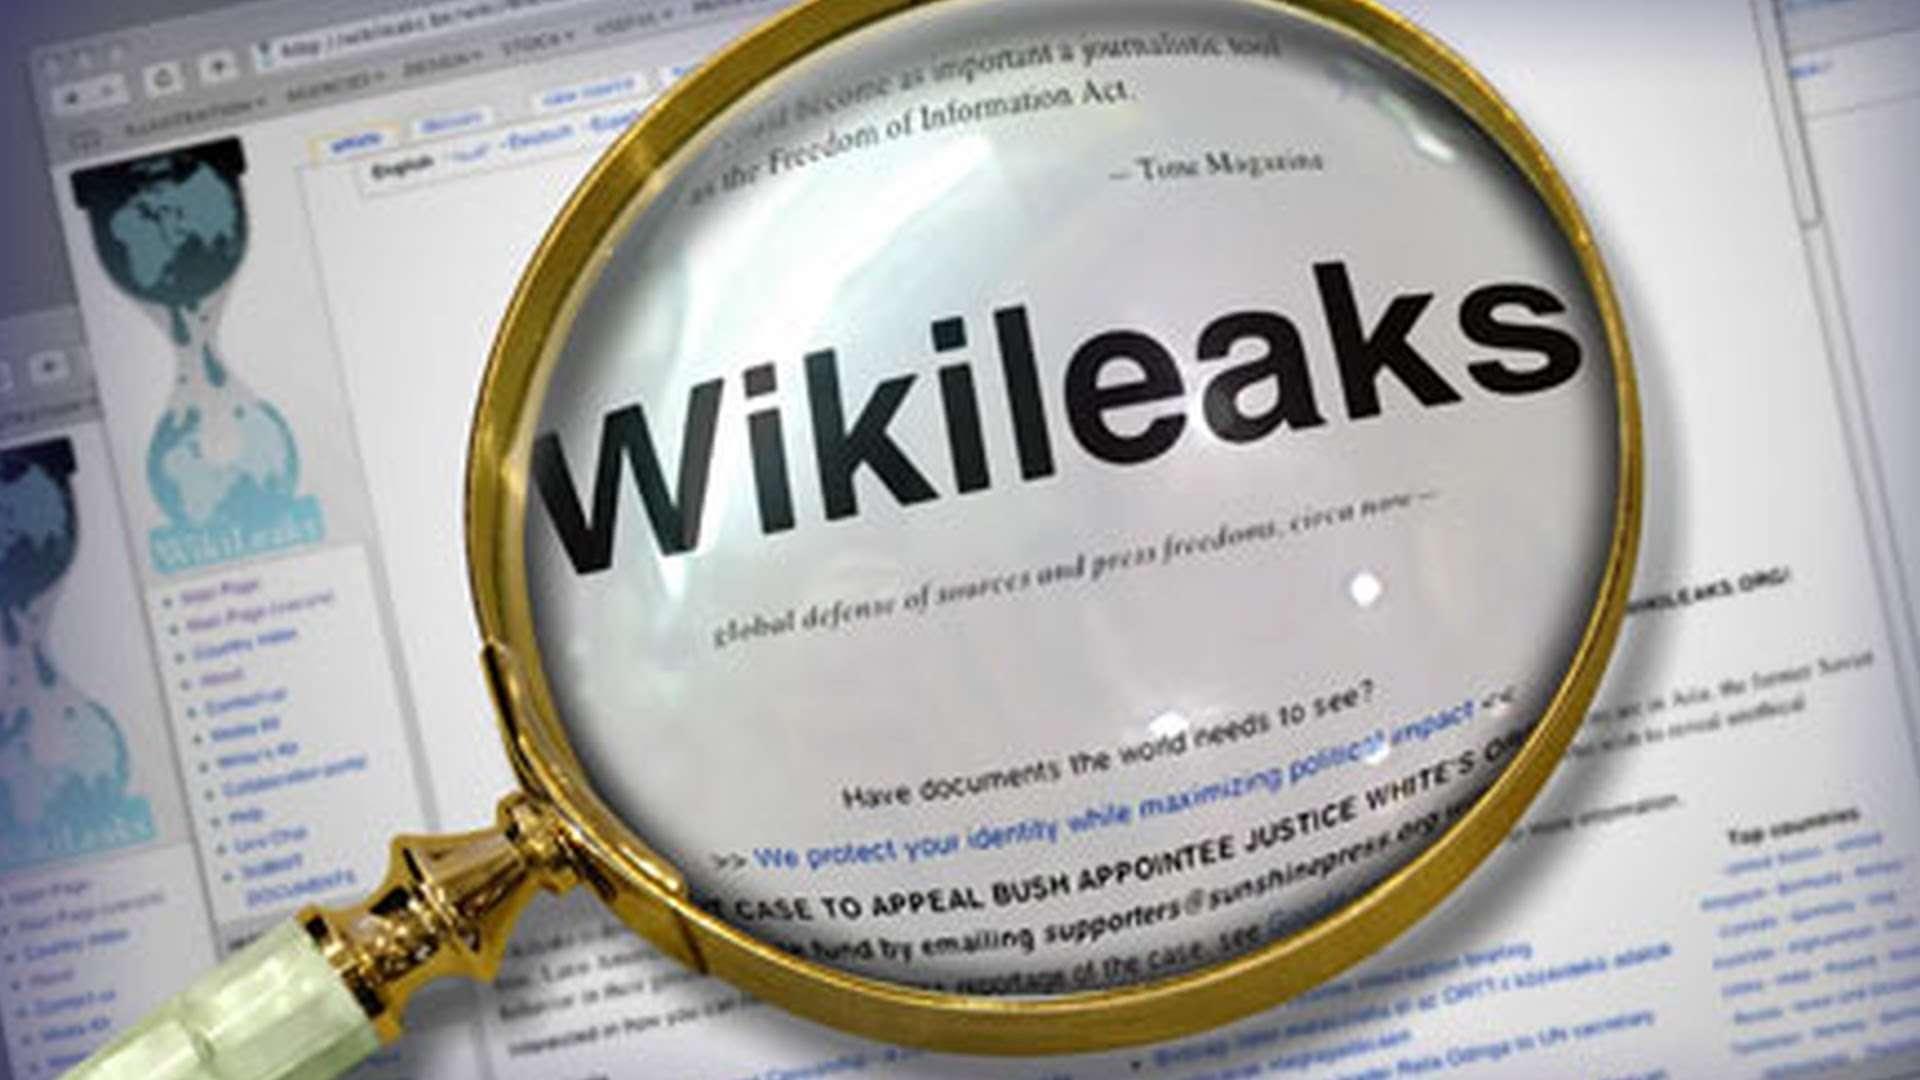 Το Wikileaks ή κάθε αντίστοιχη ενίσχυση της διαφάνειας στις διακρατικές σχέσεις είναι μια αντί-ηγεμονική δράση.